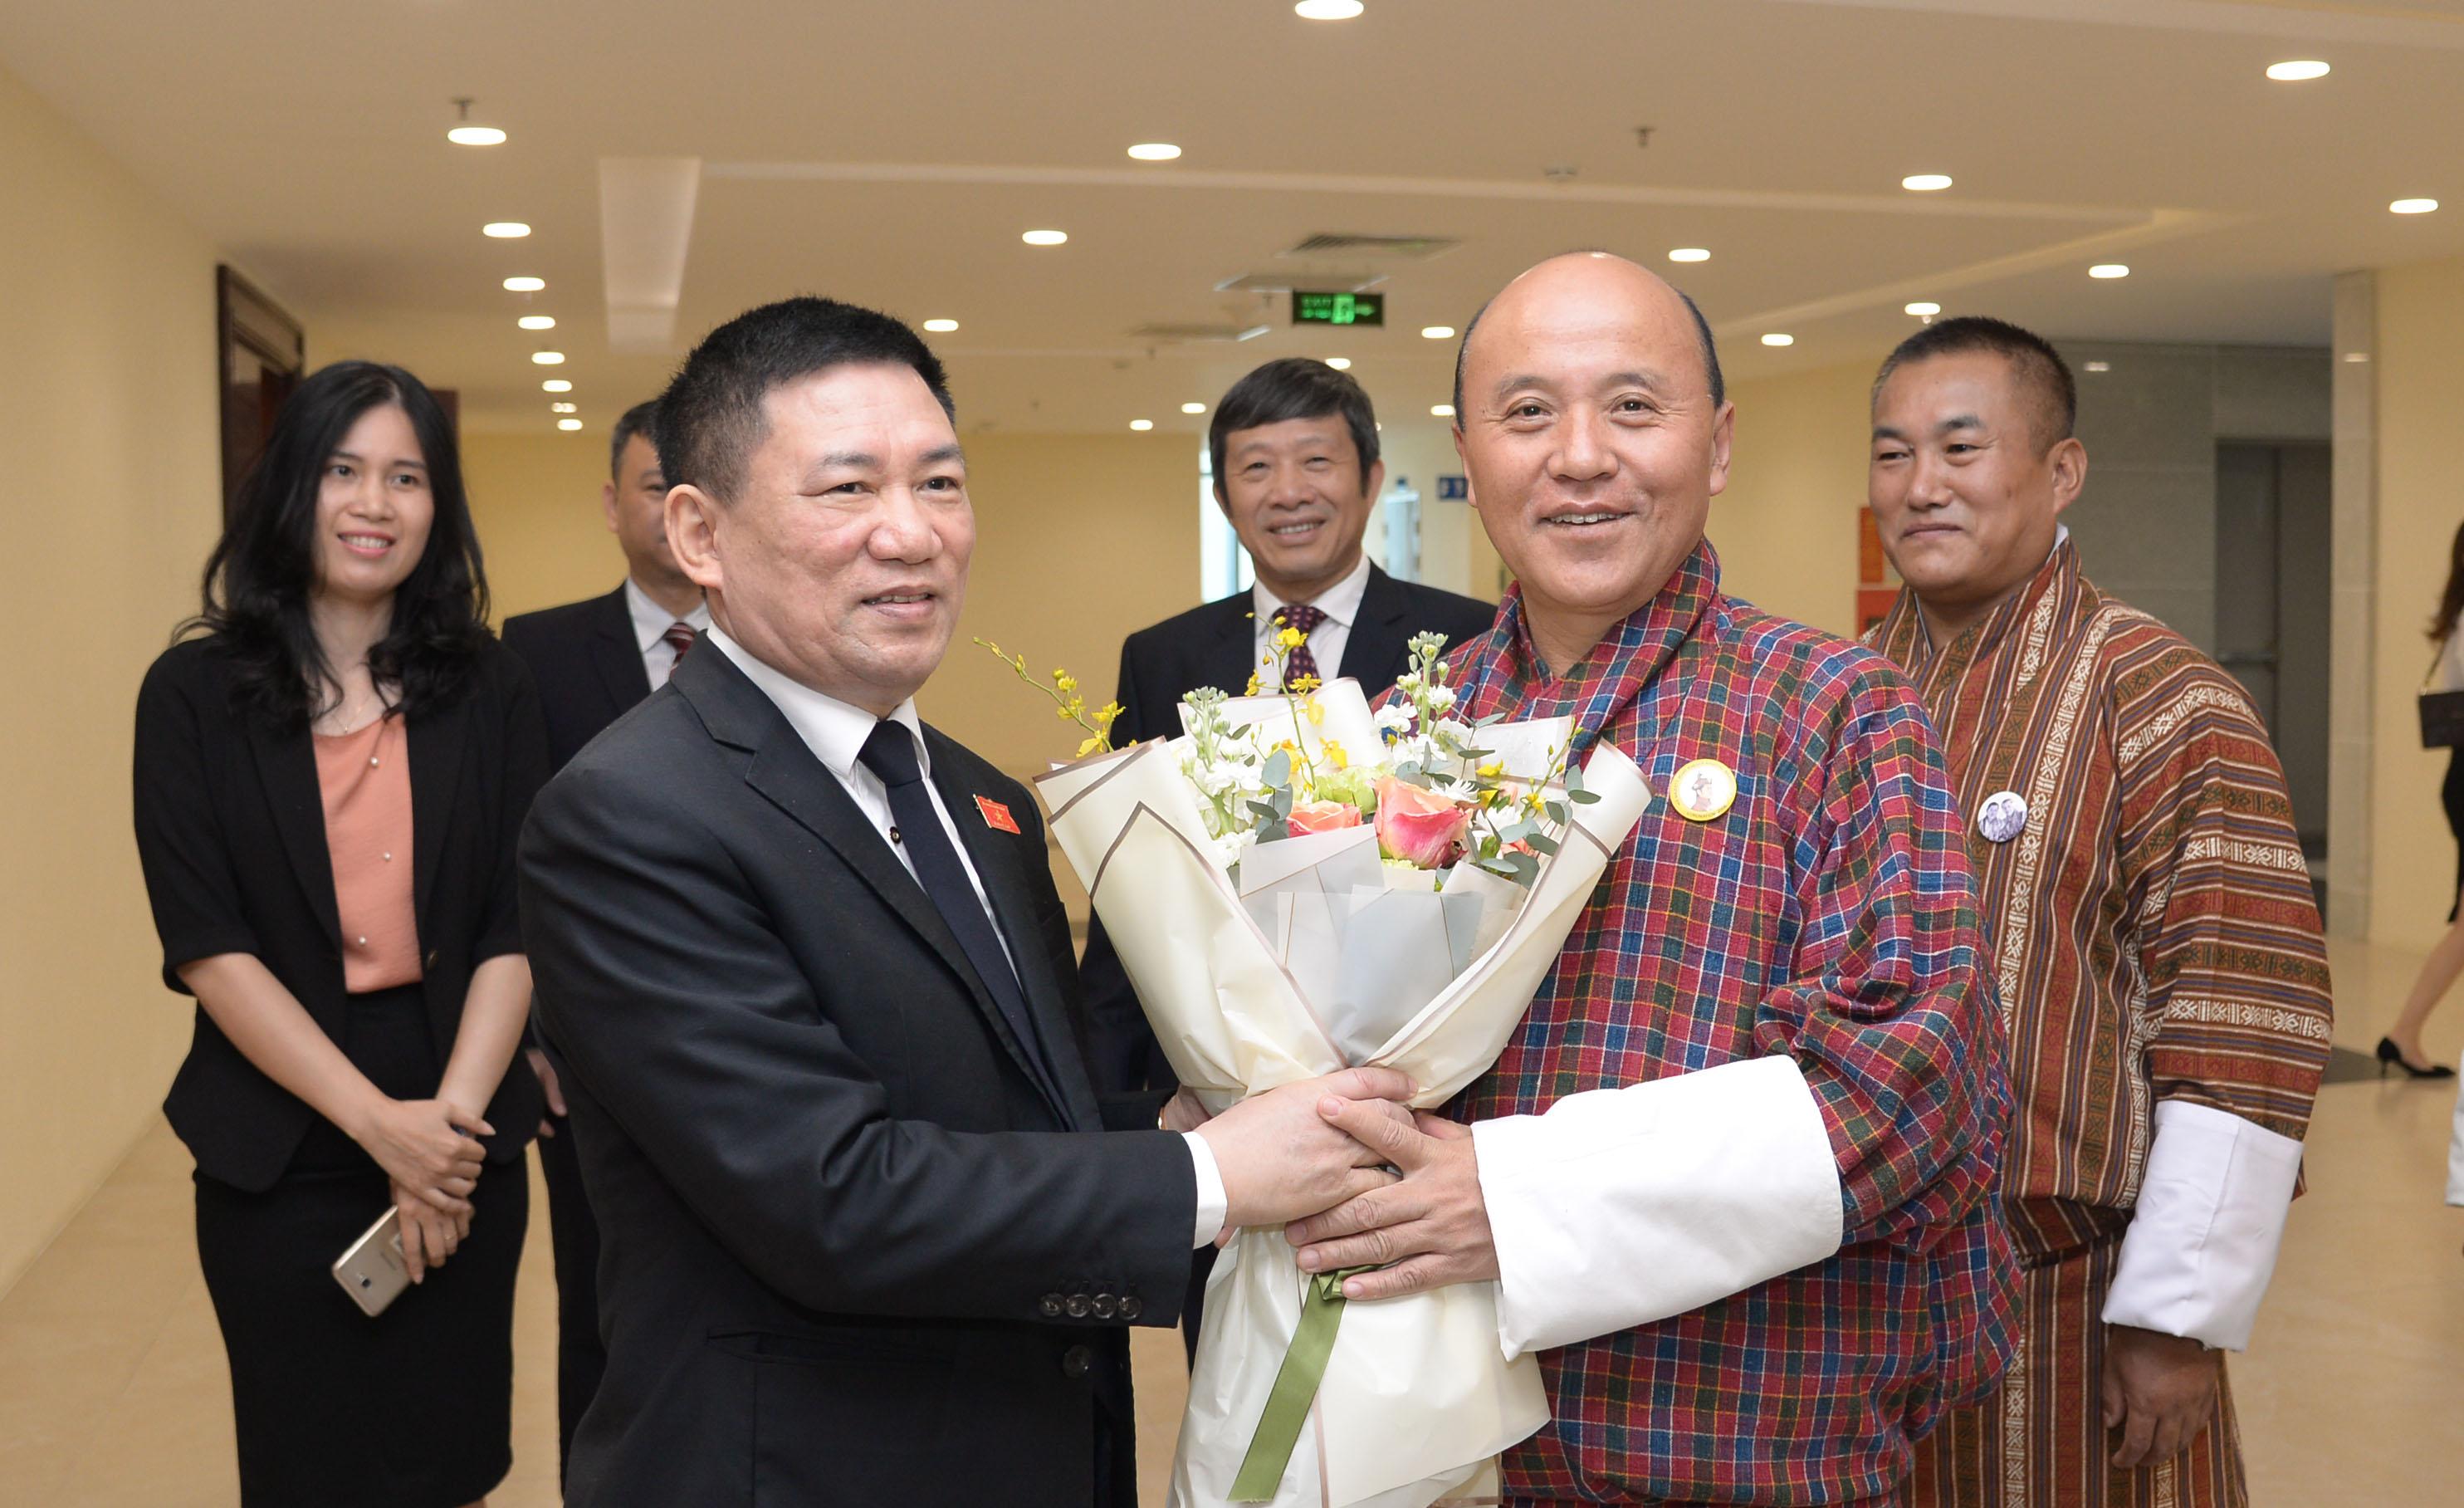 Chùm ảnh hoạt động của Đoàn đại biểu KTNN Bu-tan tại Việt Nam